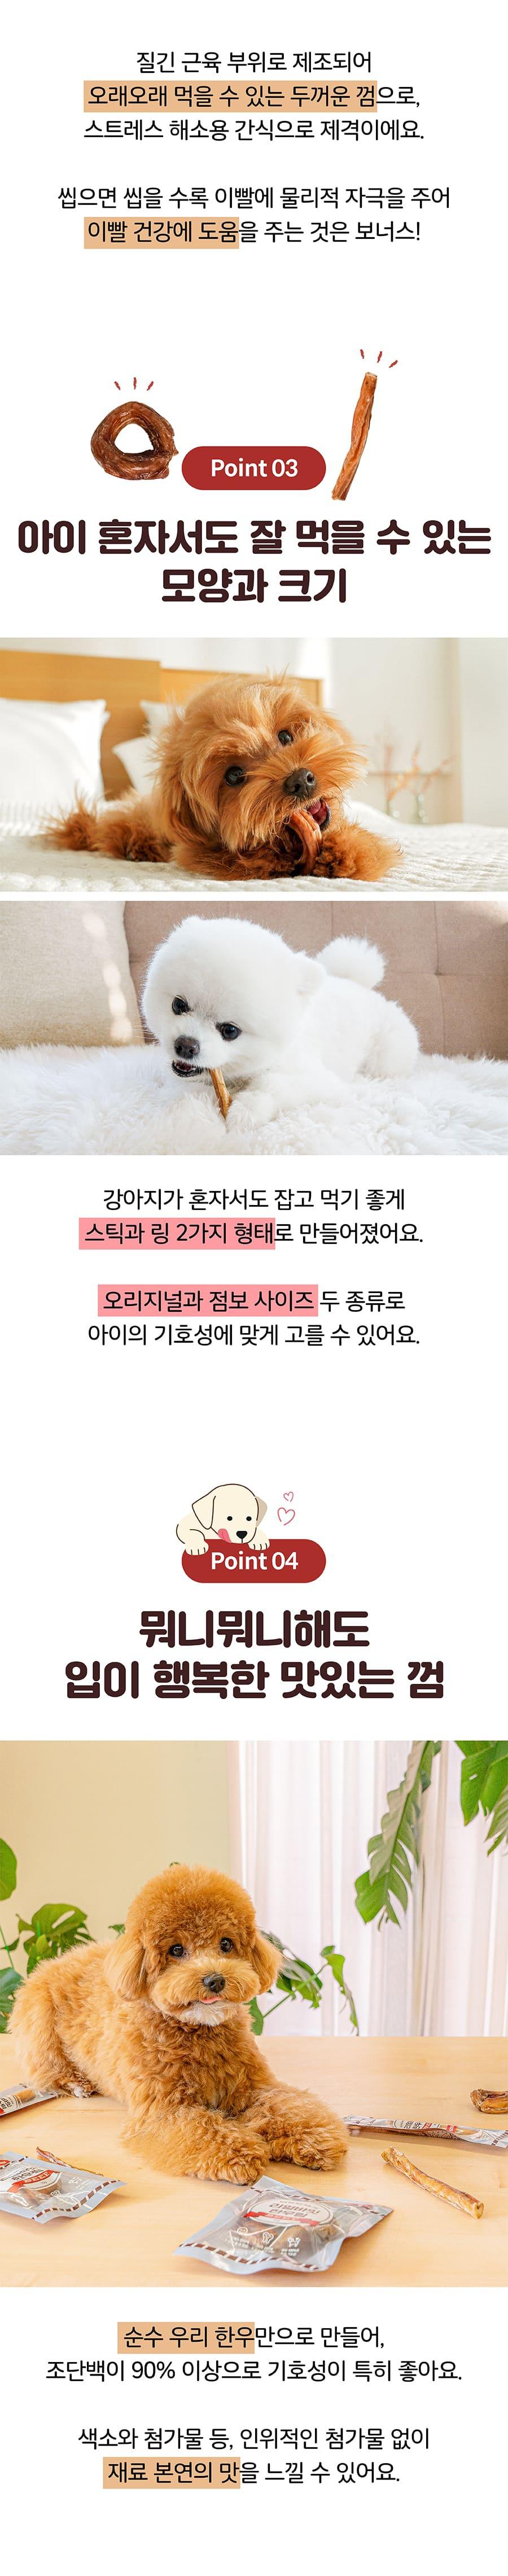 [대용량출시!] it 리얼바잇 한우껌 4종-상품이미지-9